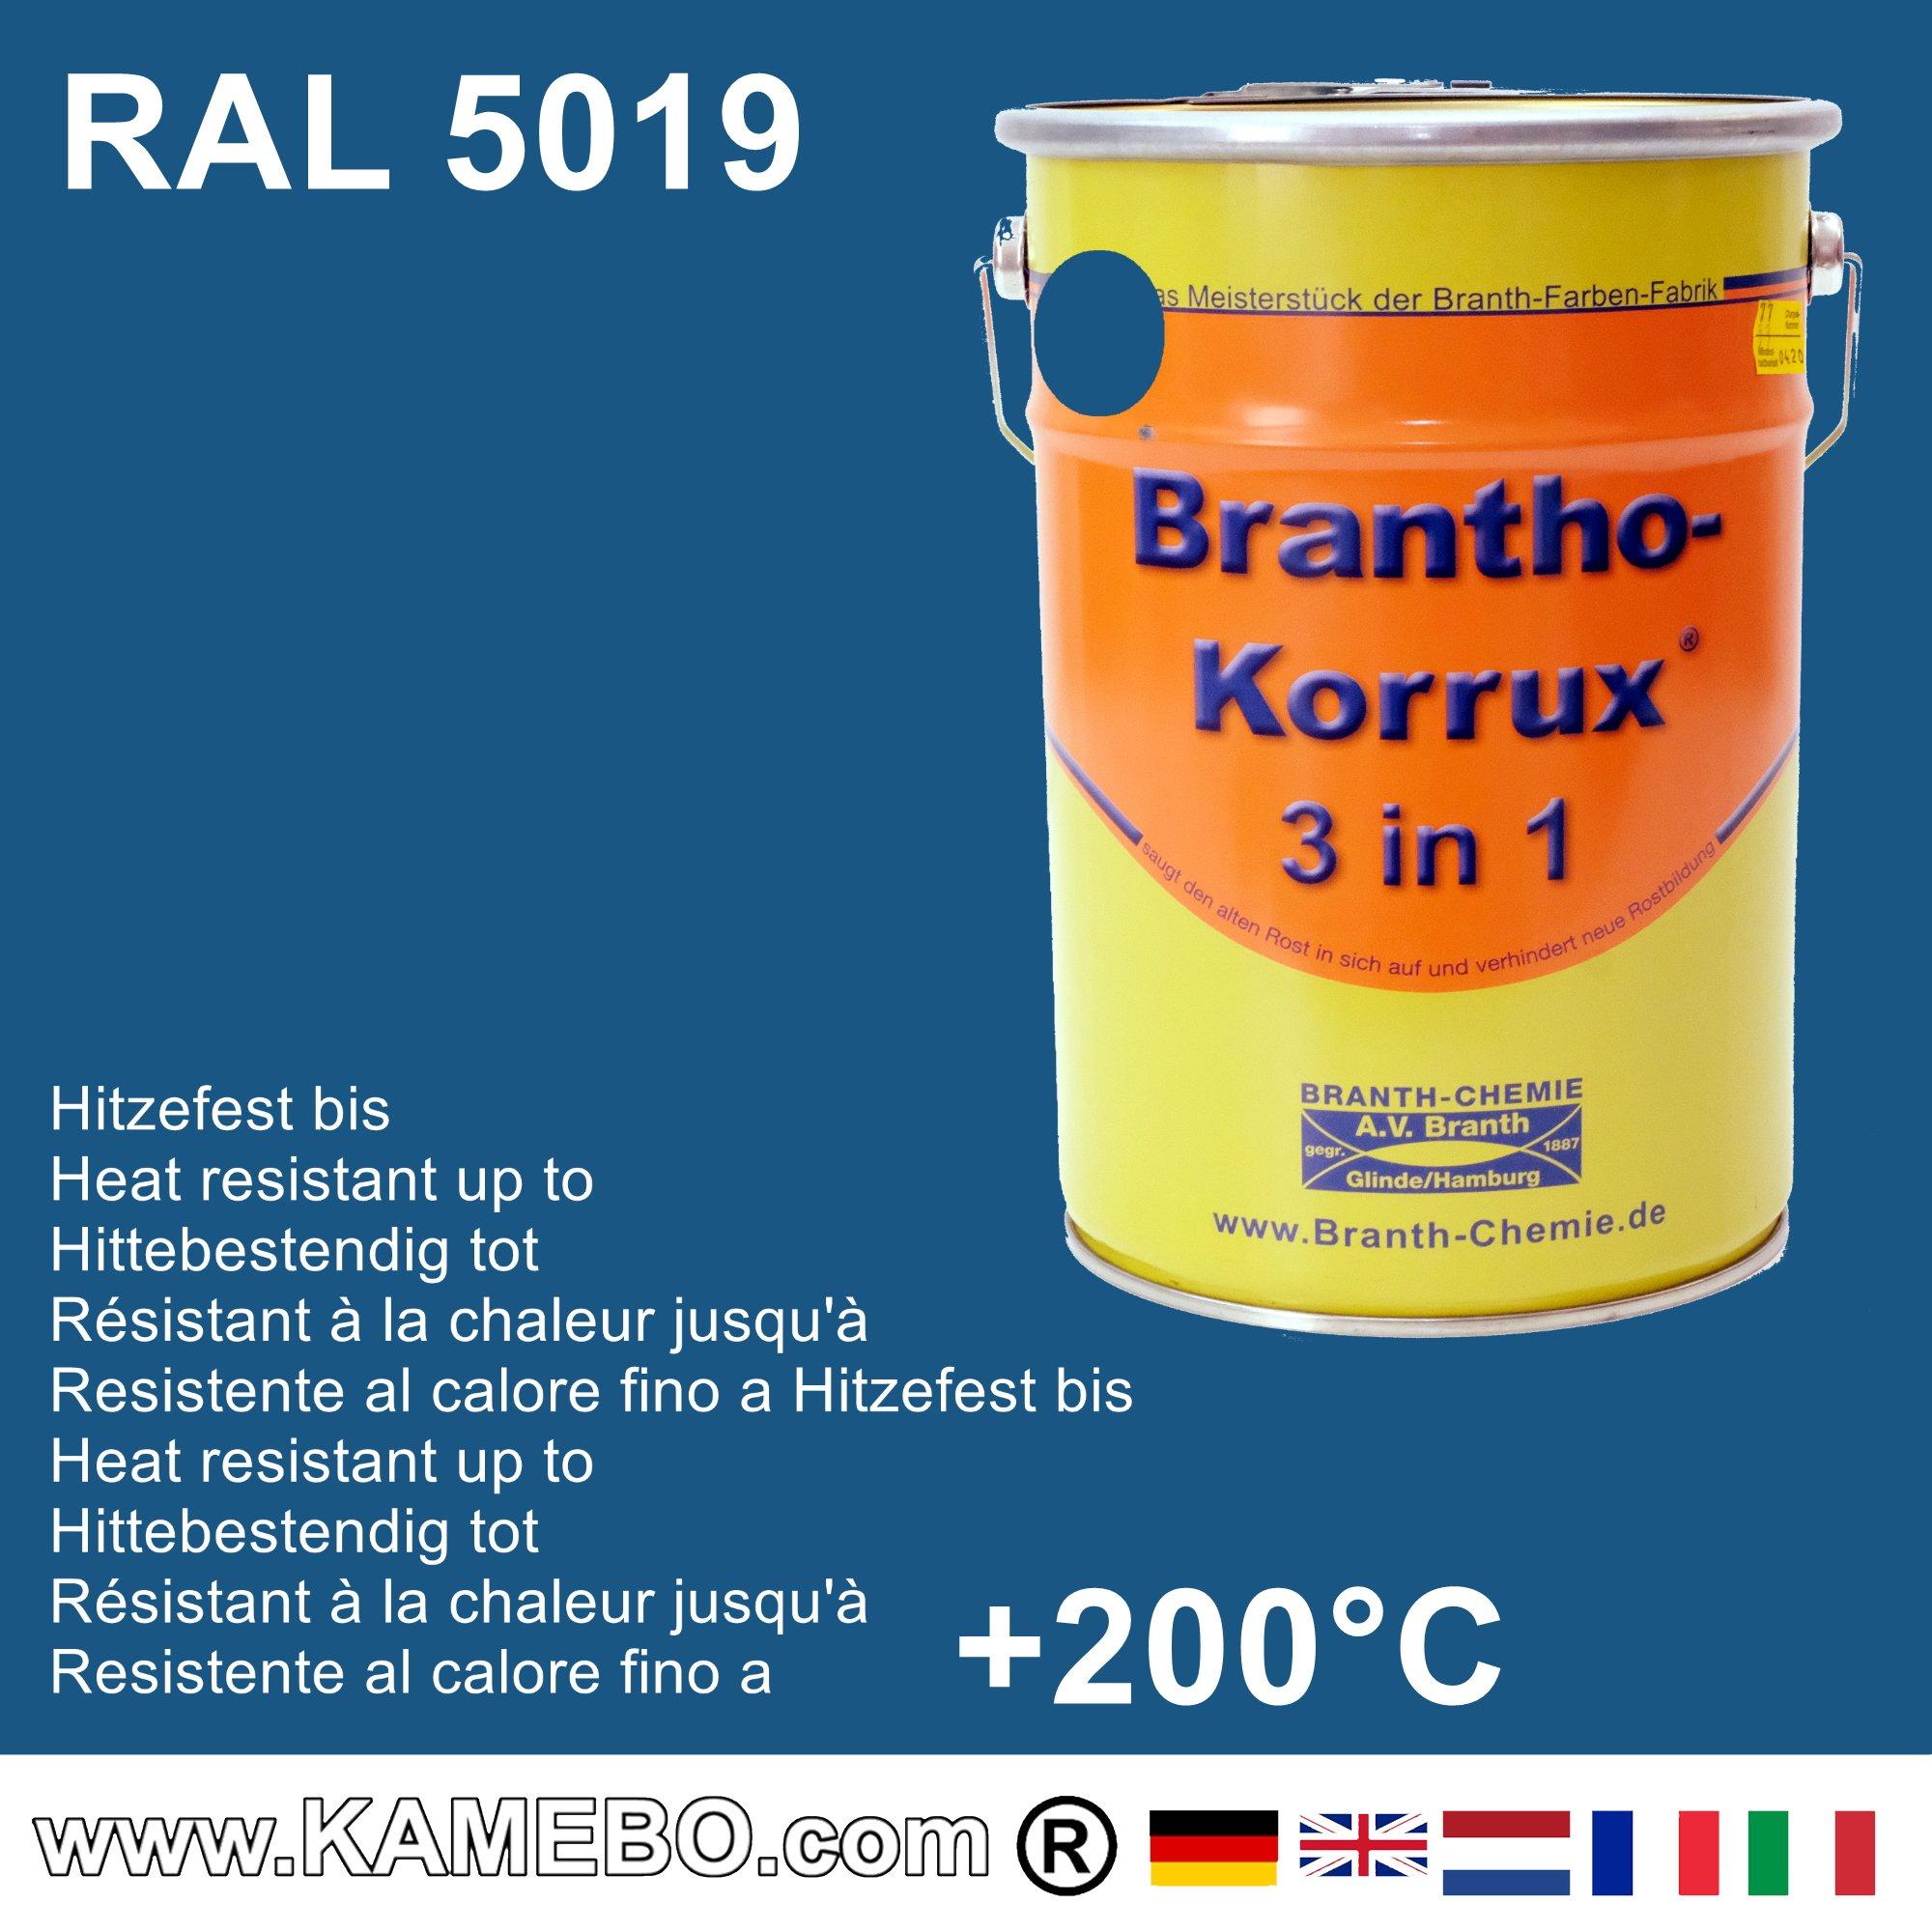 brantho korrux 3 in 1 metallschutzlack korrosionsschutzlack ral 5019 capriblau 5 liter. Black Bedroom Furniture Sets. Home Design Ideas